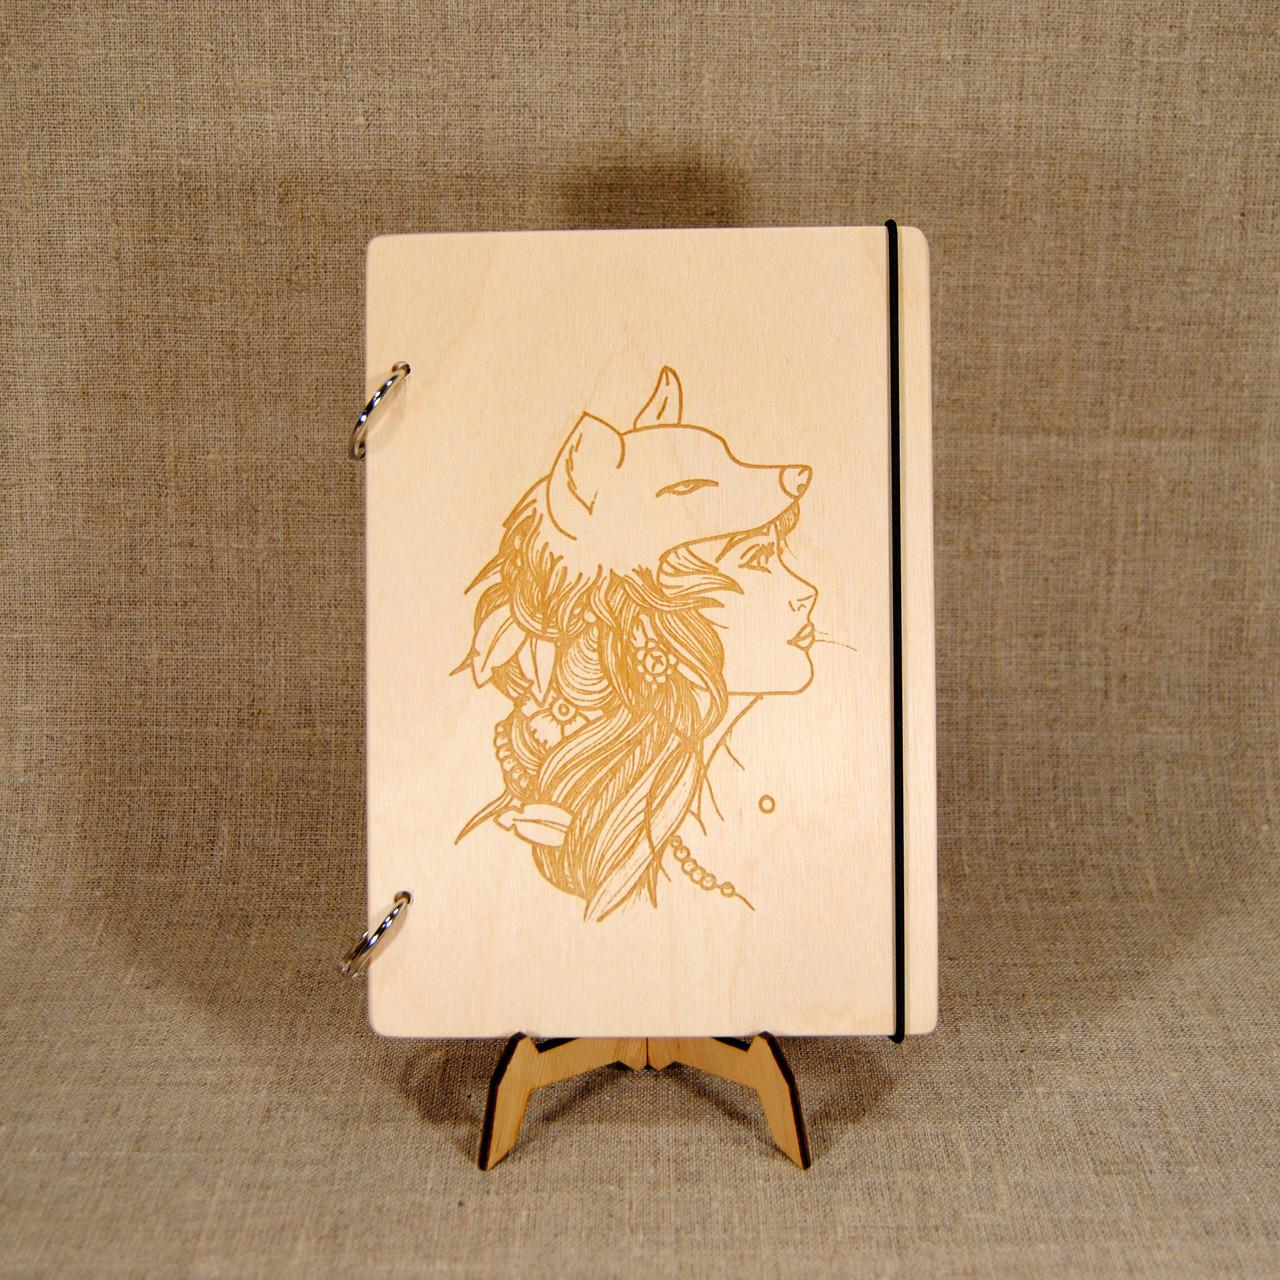 Деревянный блокнот M (А5 формат). Скетчбук Девушка с маской Волк. Блокнот с деревянной обложкой.